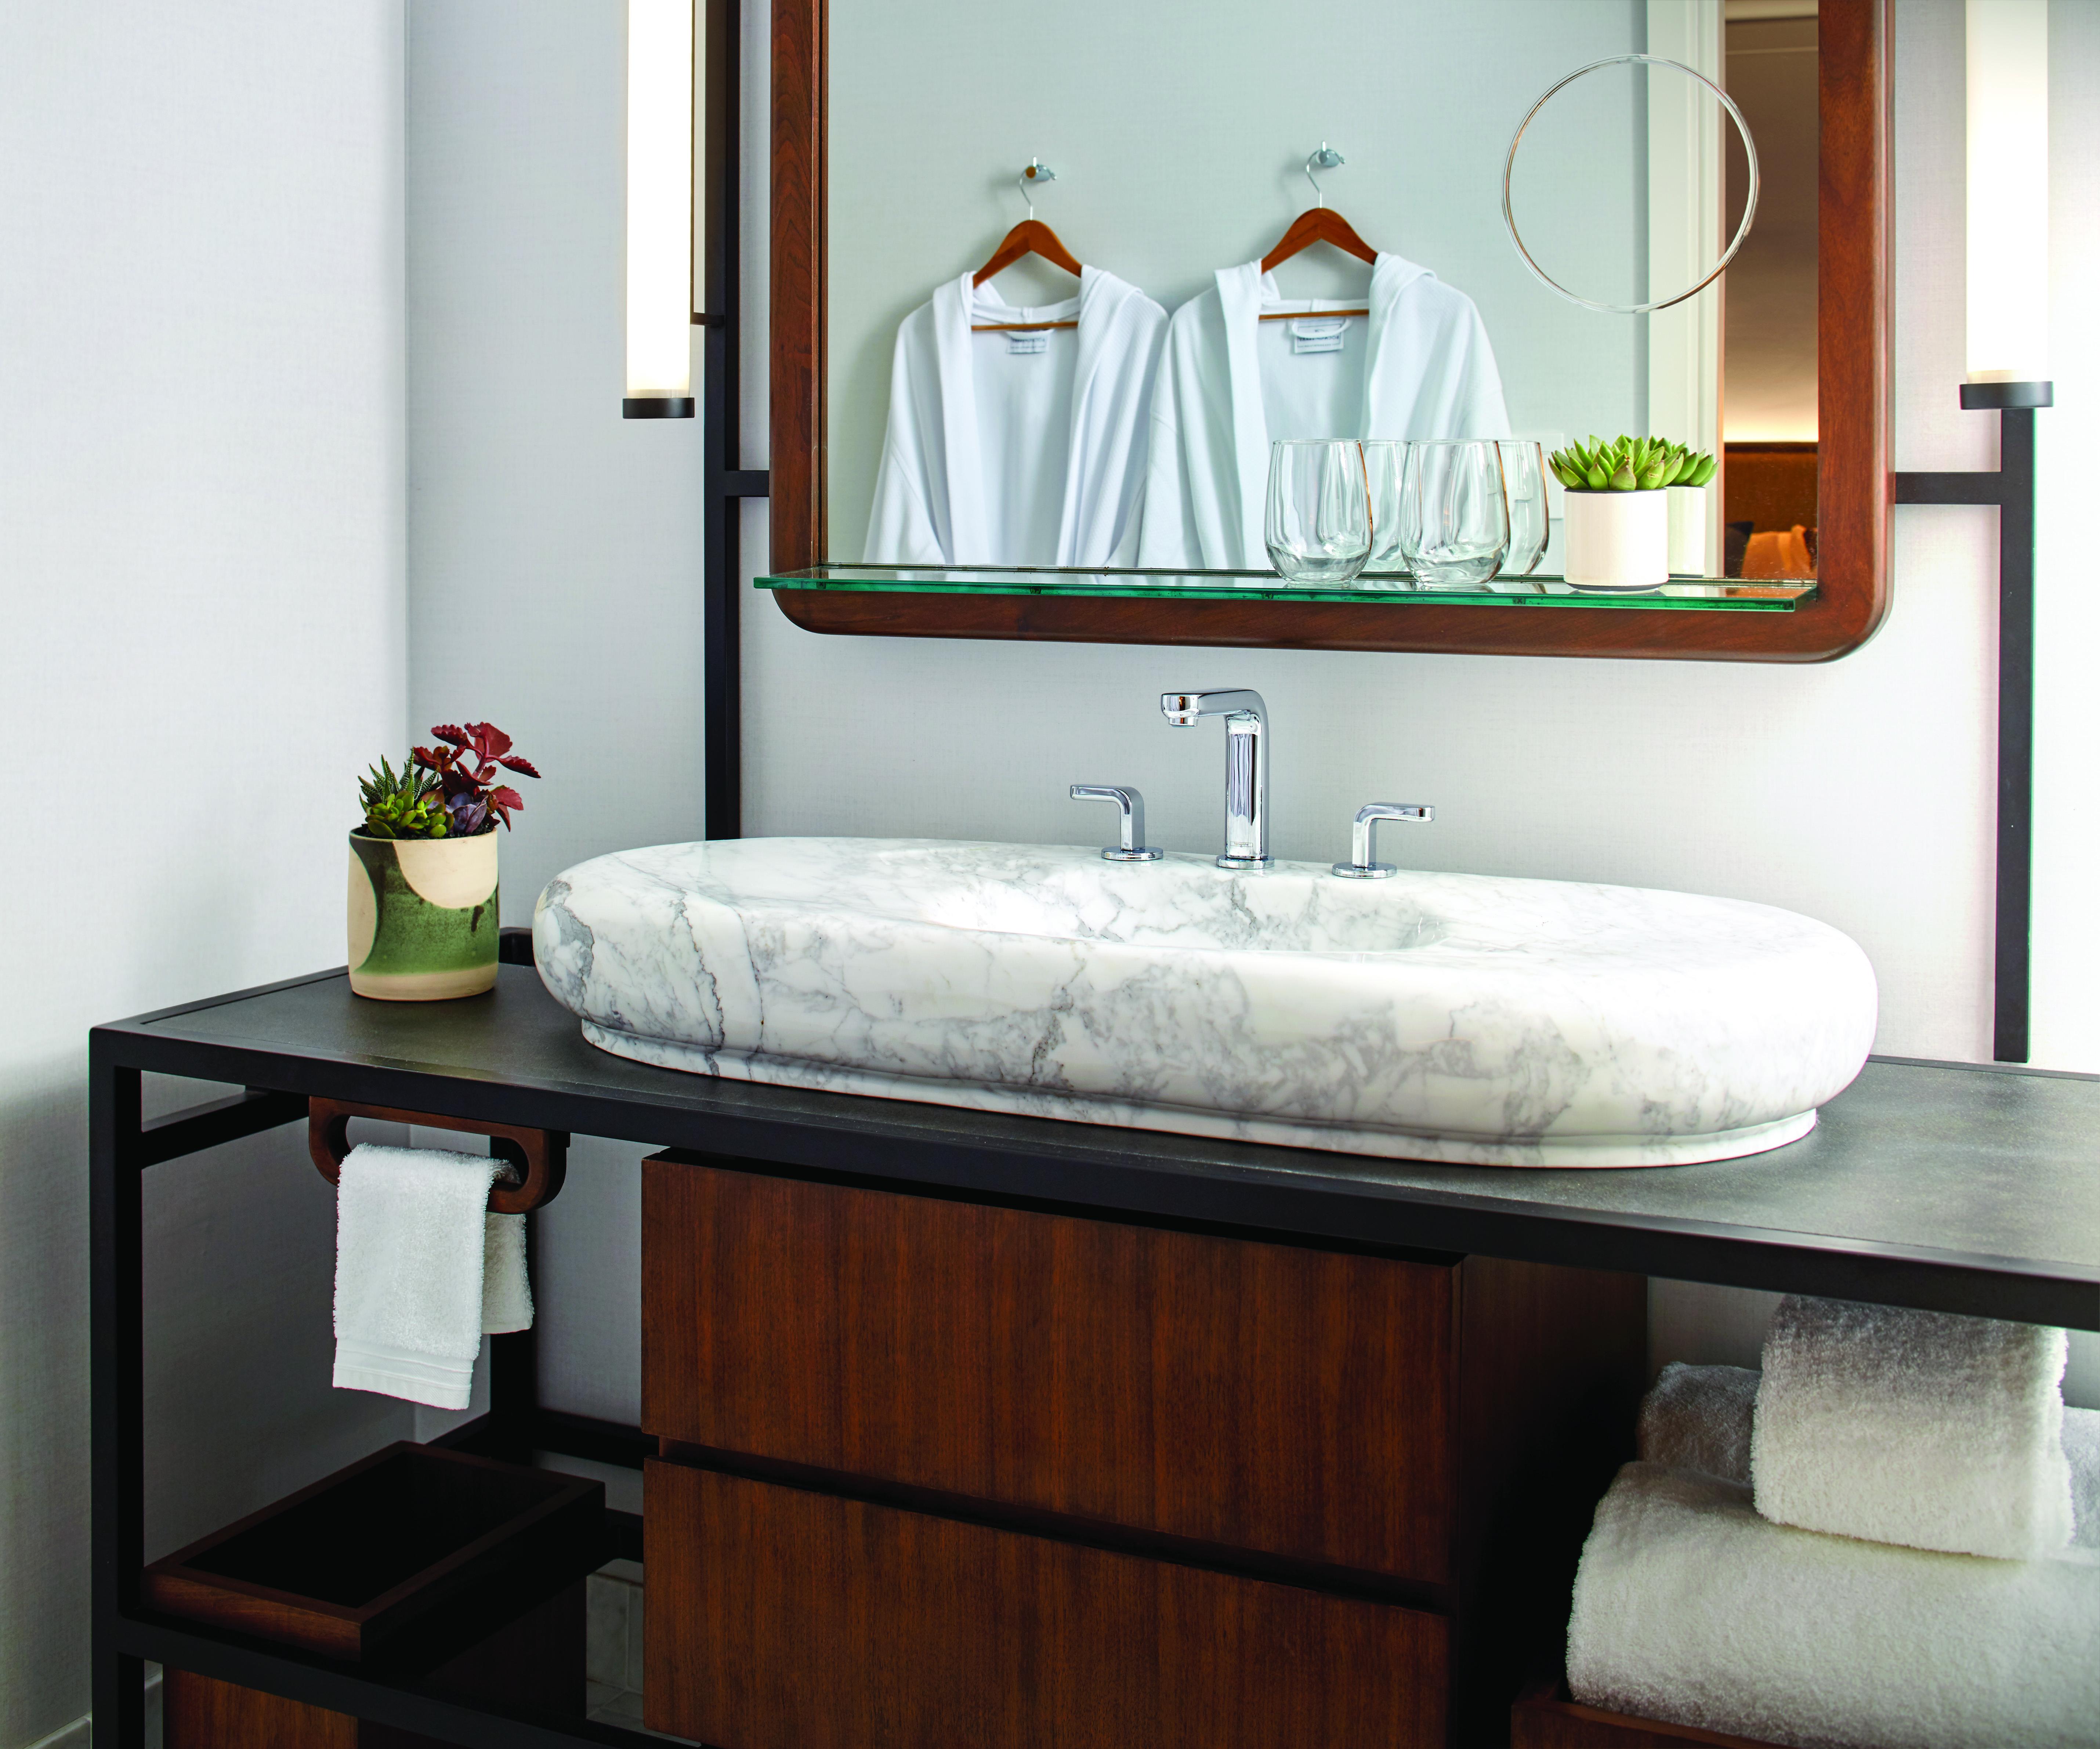 james hotel - bathroom vanity detail